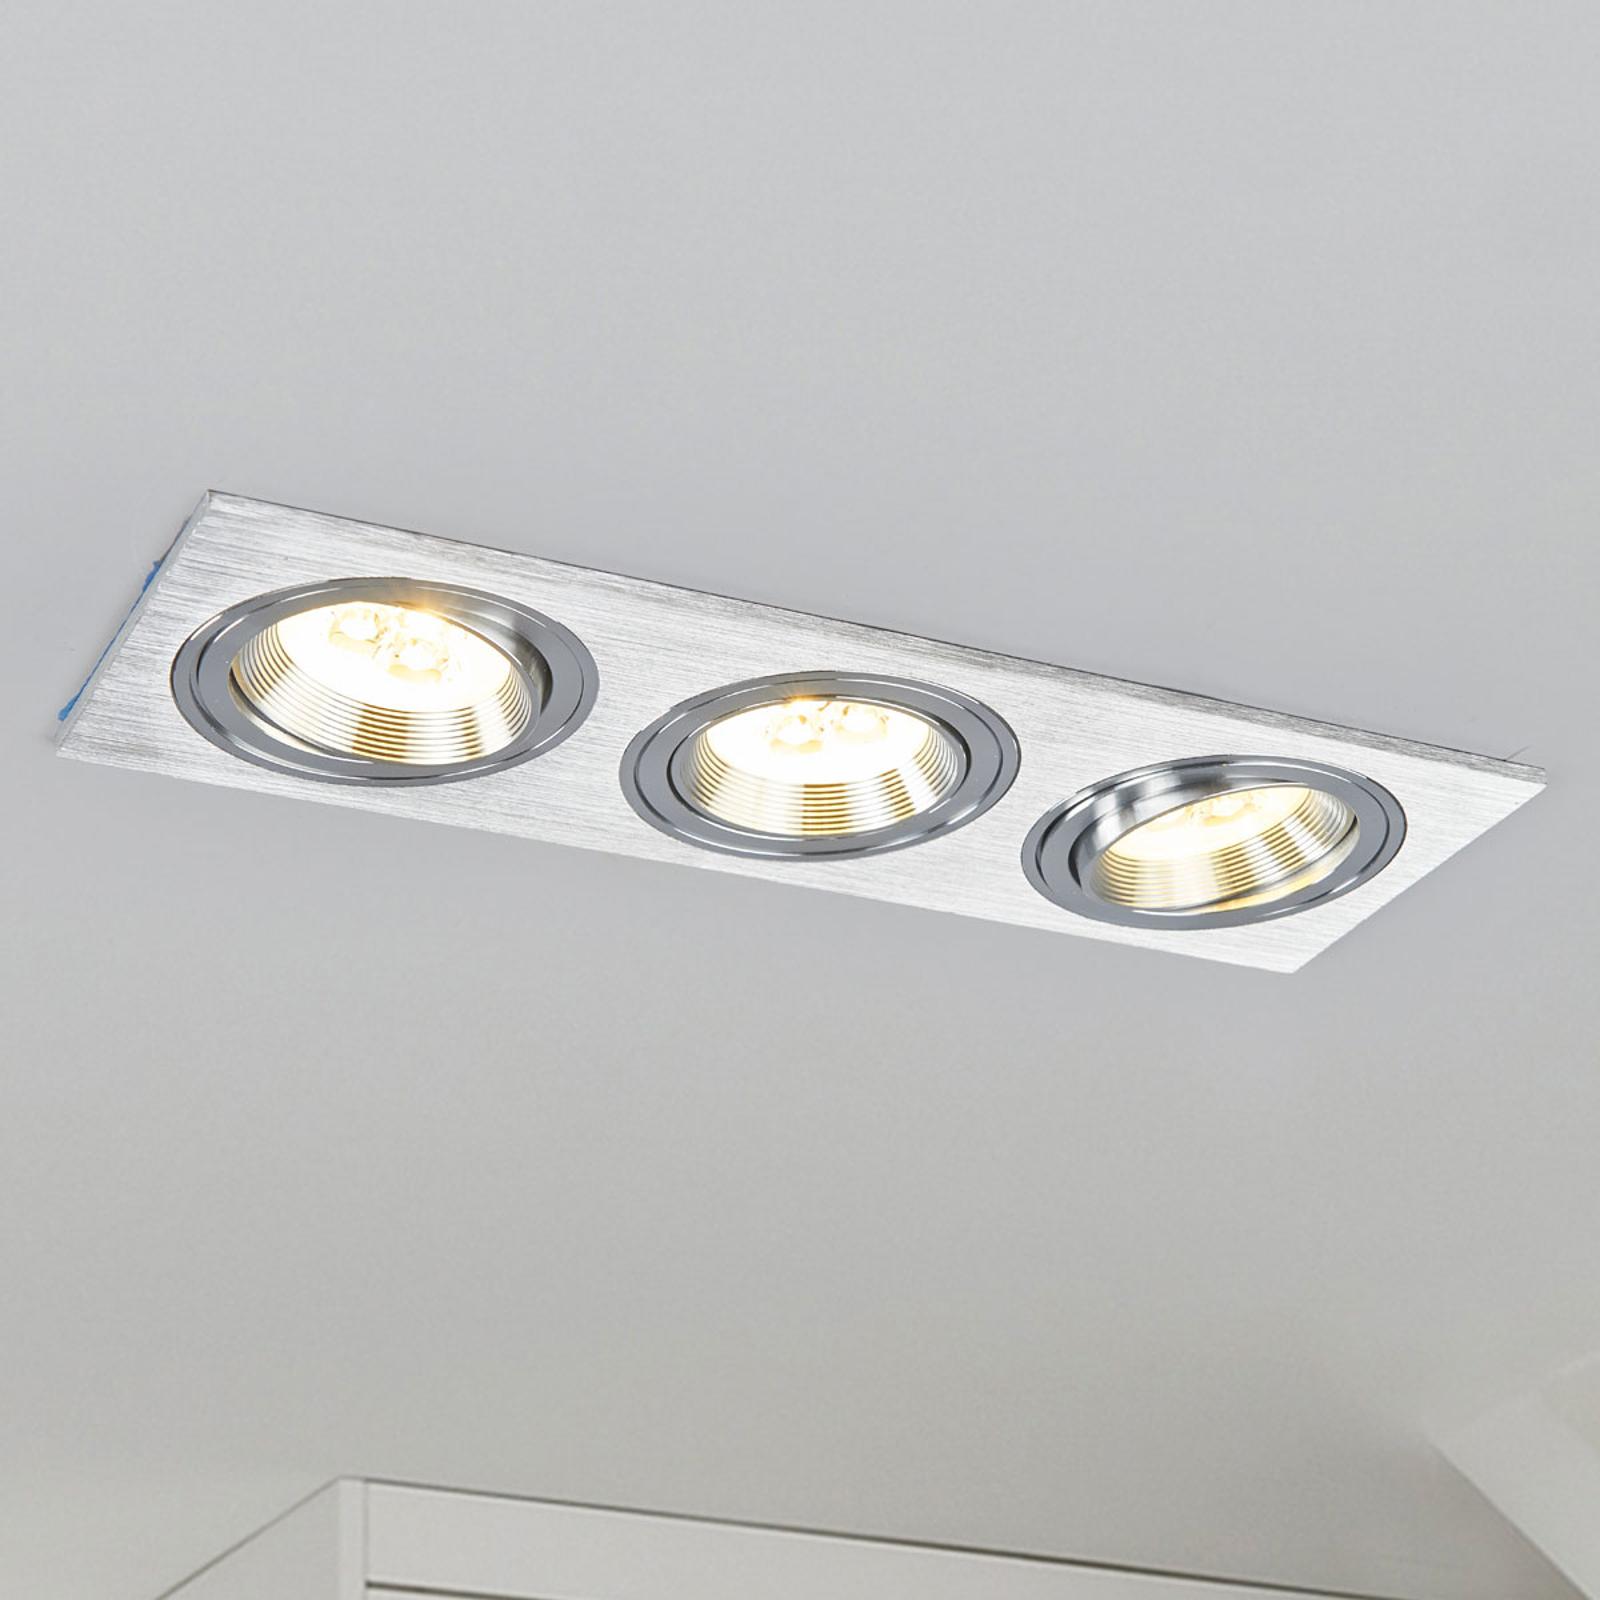 Acquista Lampada a incasso MINAR LED, alluminio pressofuso